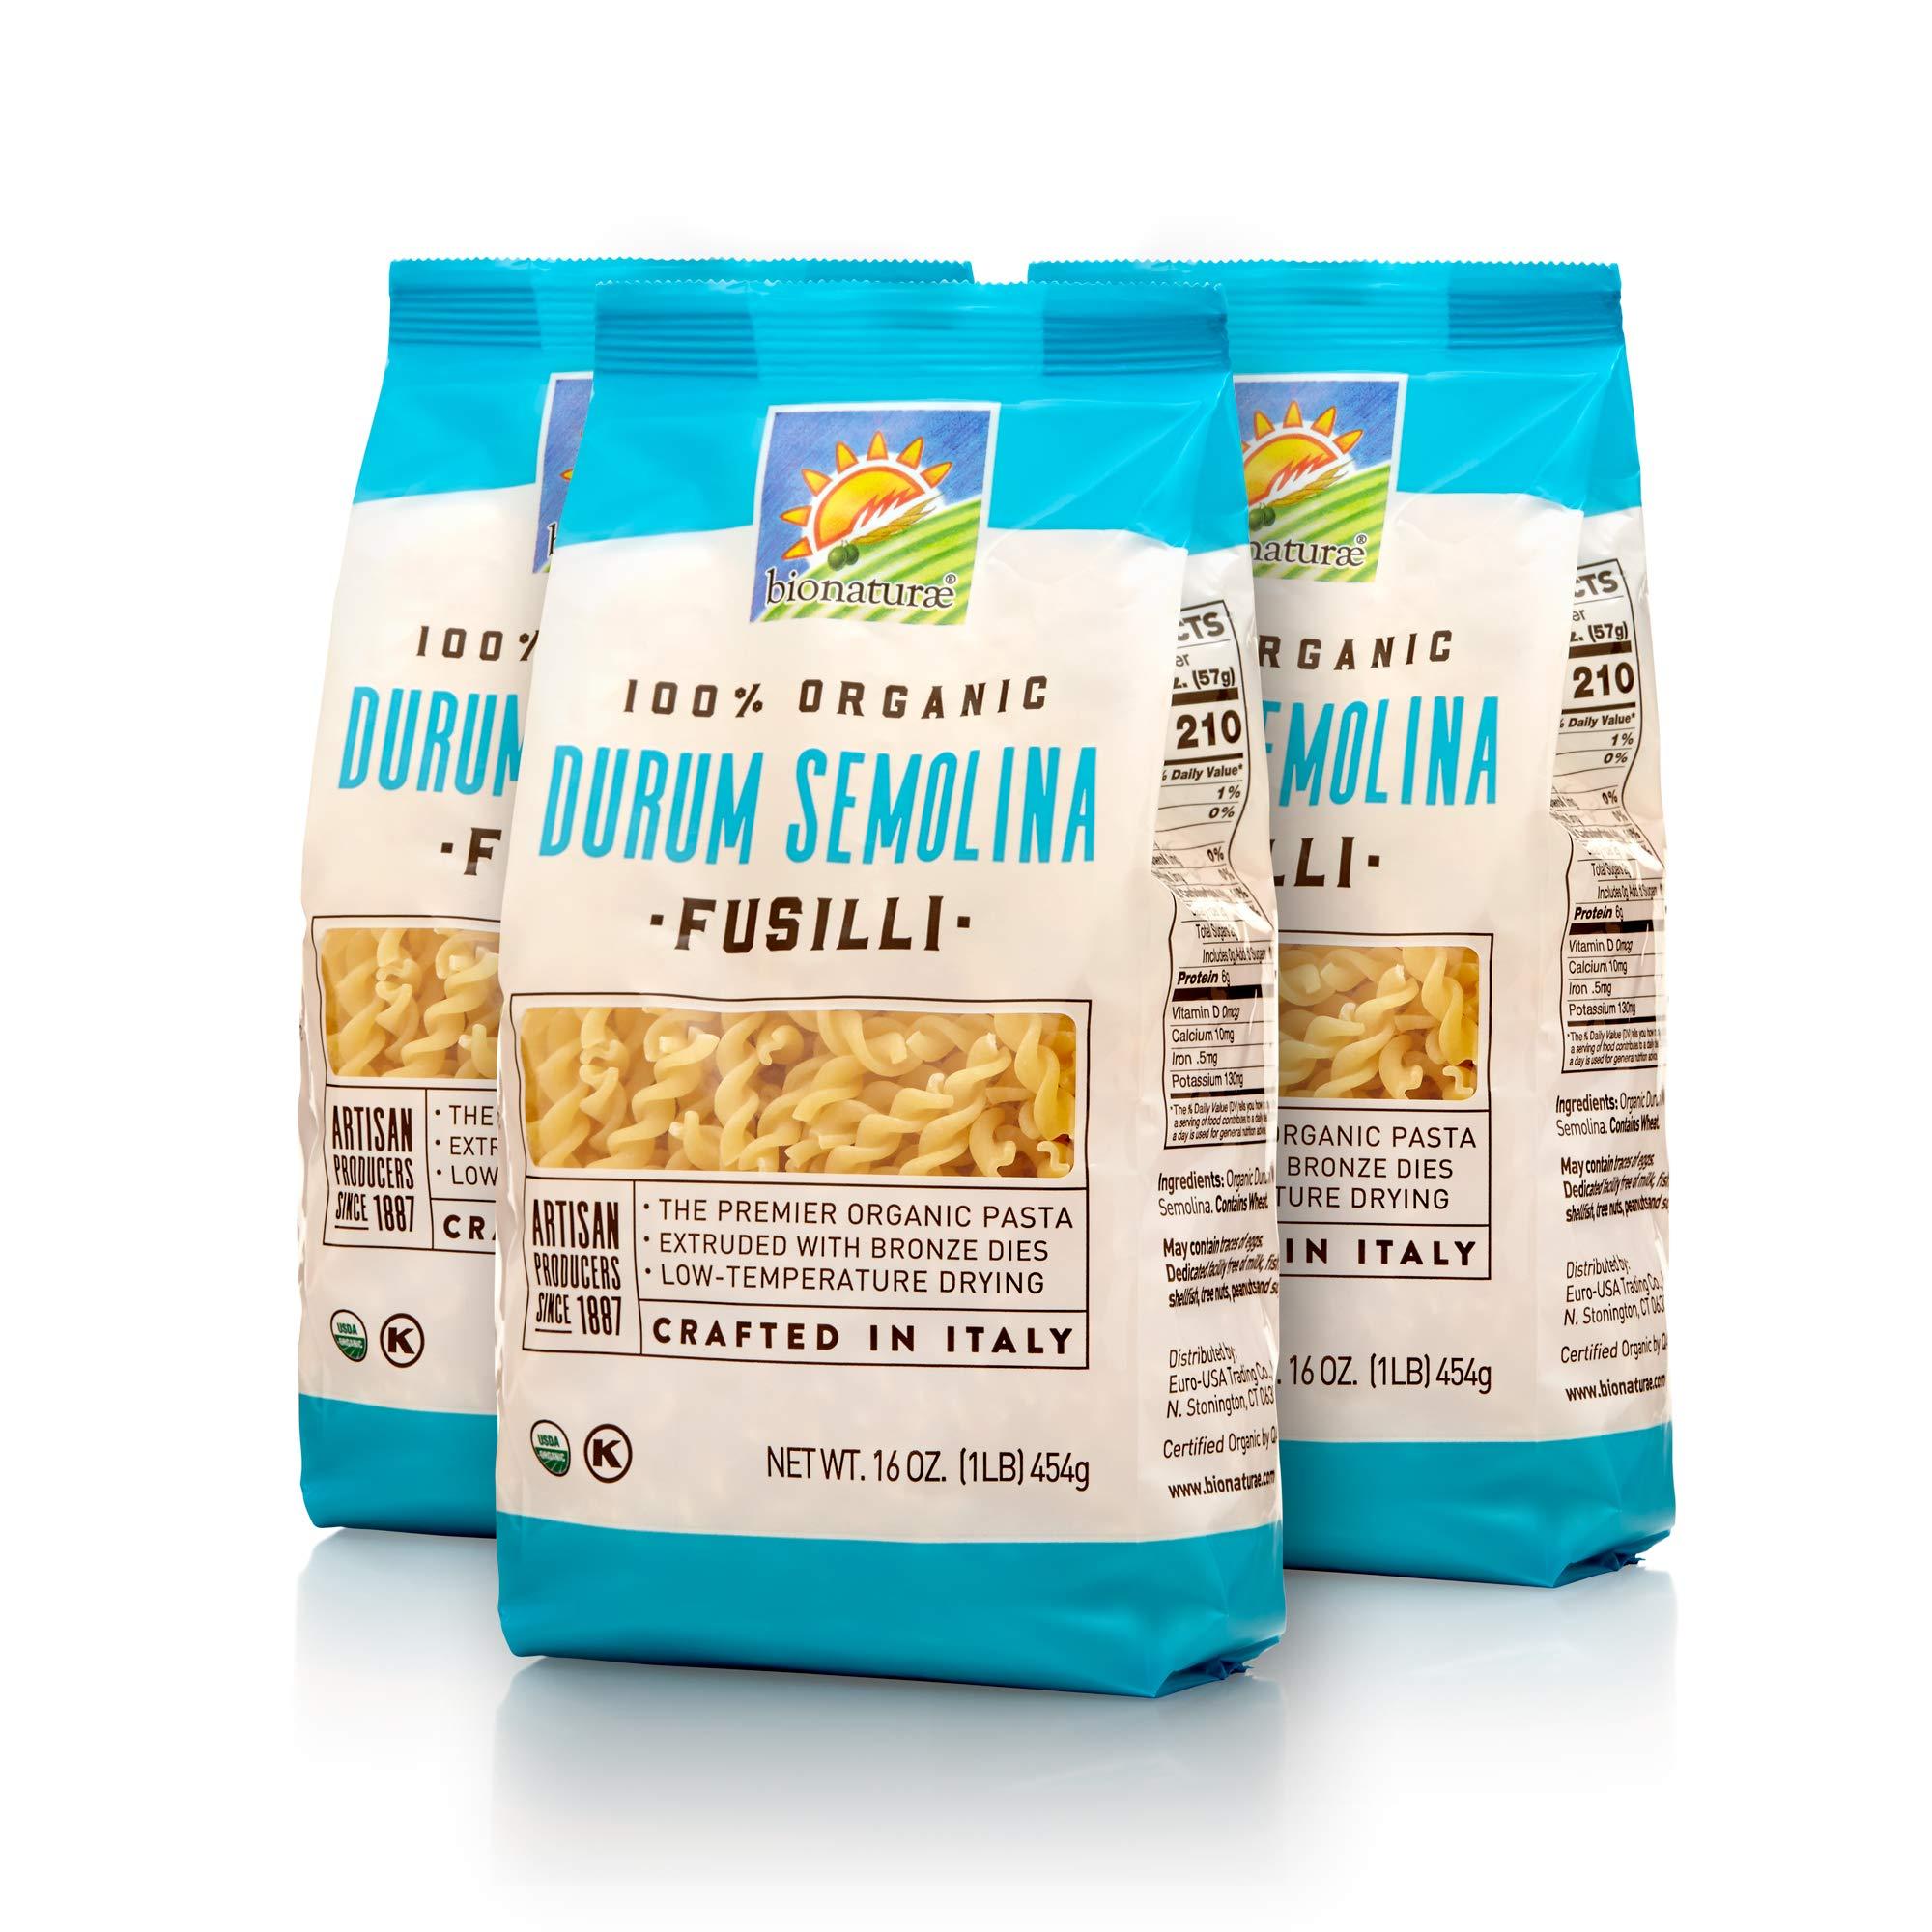 Bionaturae Organic Durum Semolina Fusilli, 6 Count